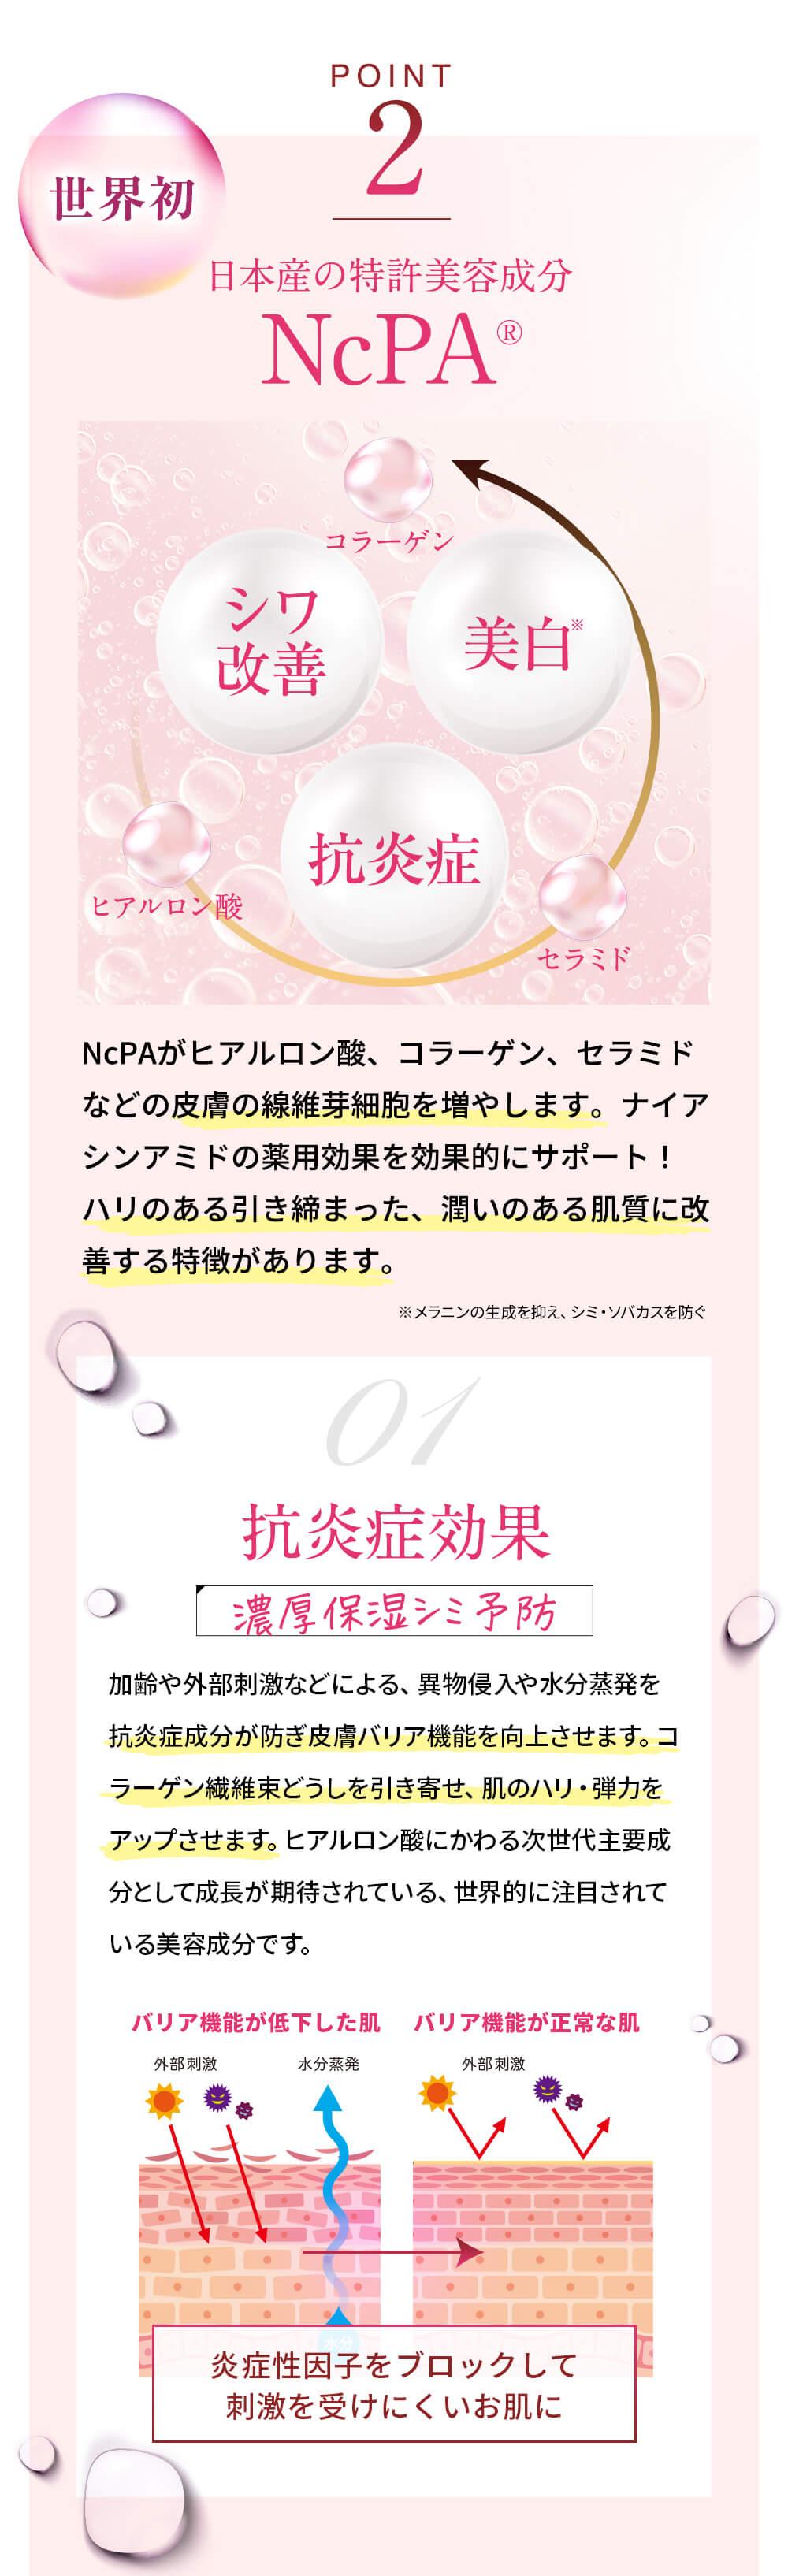 日本産の特許美容成分NcPA